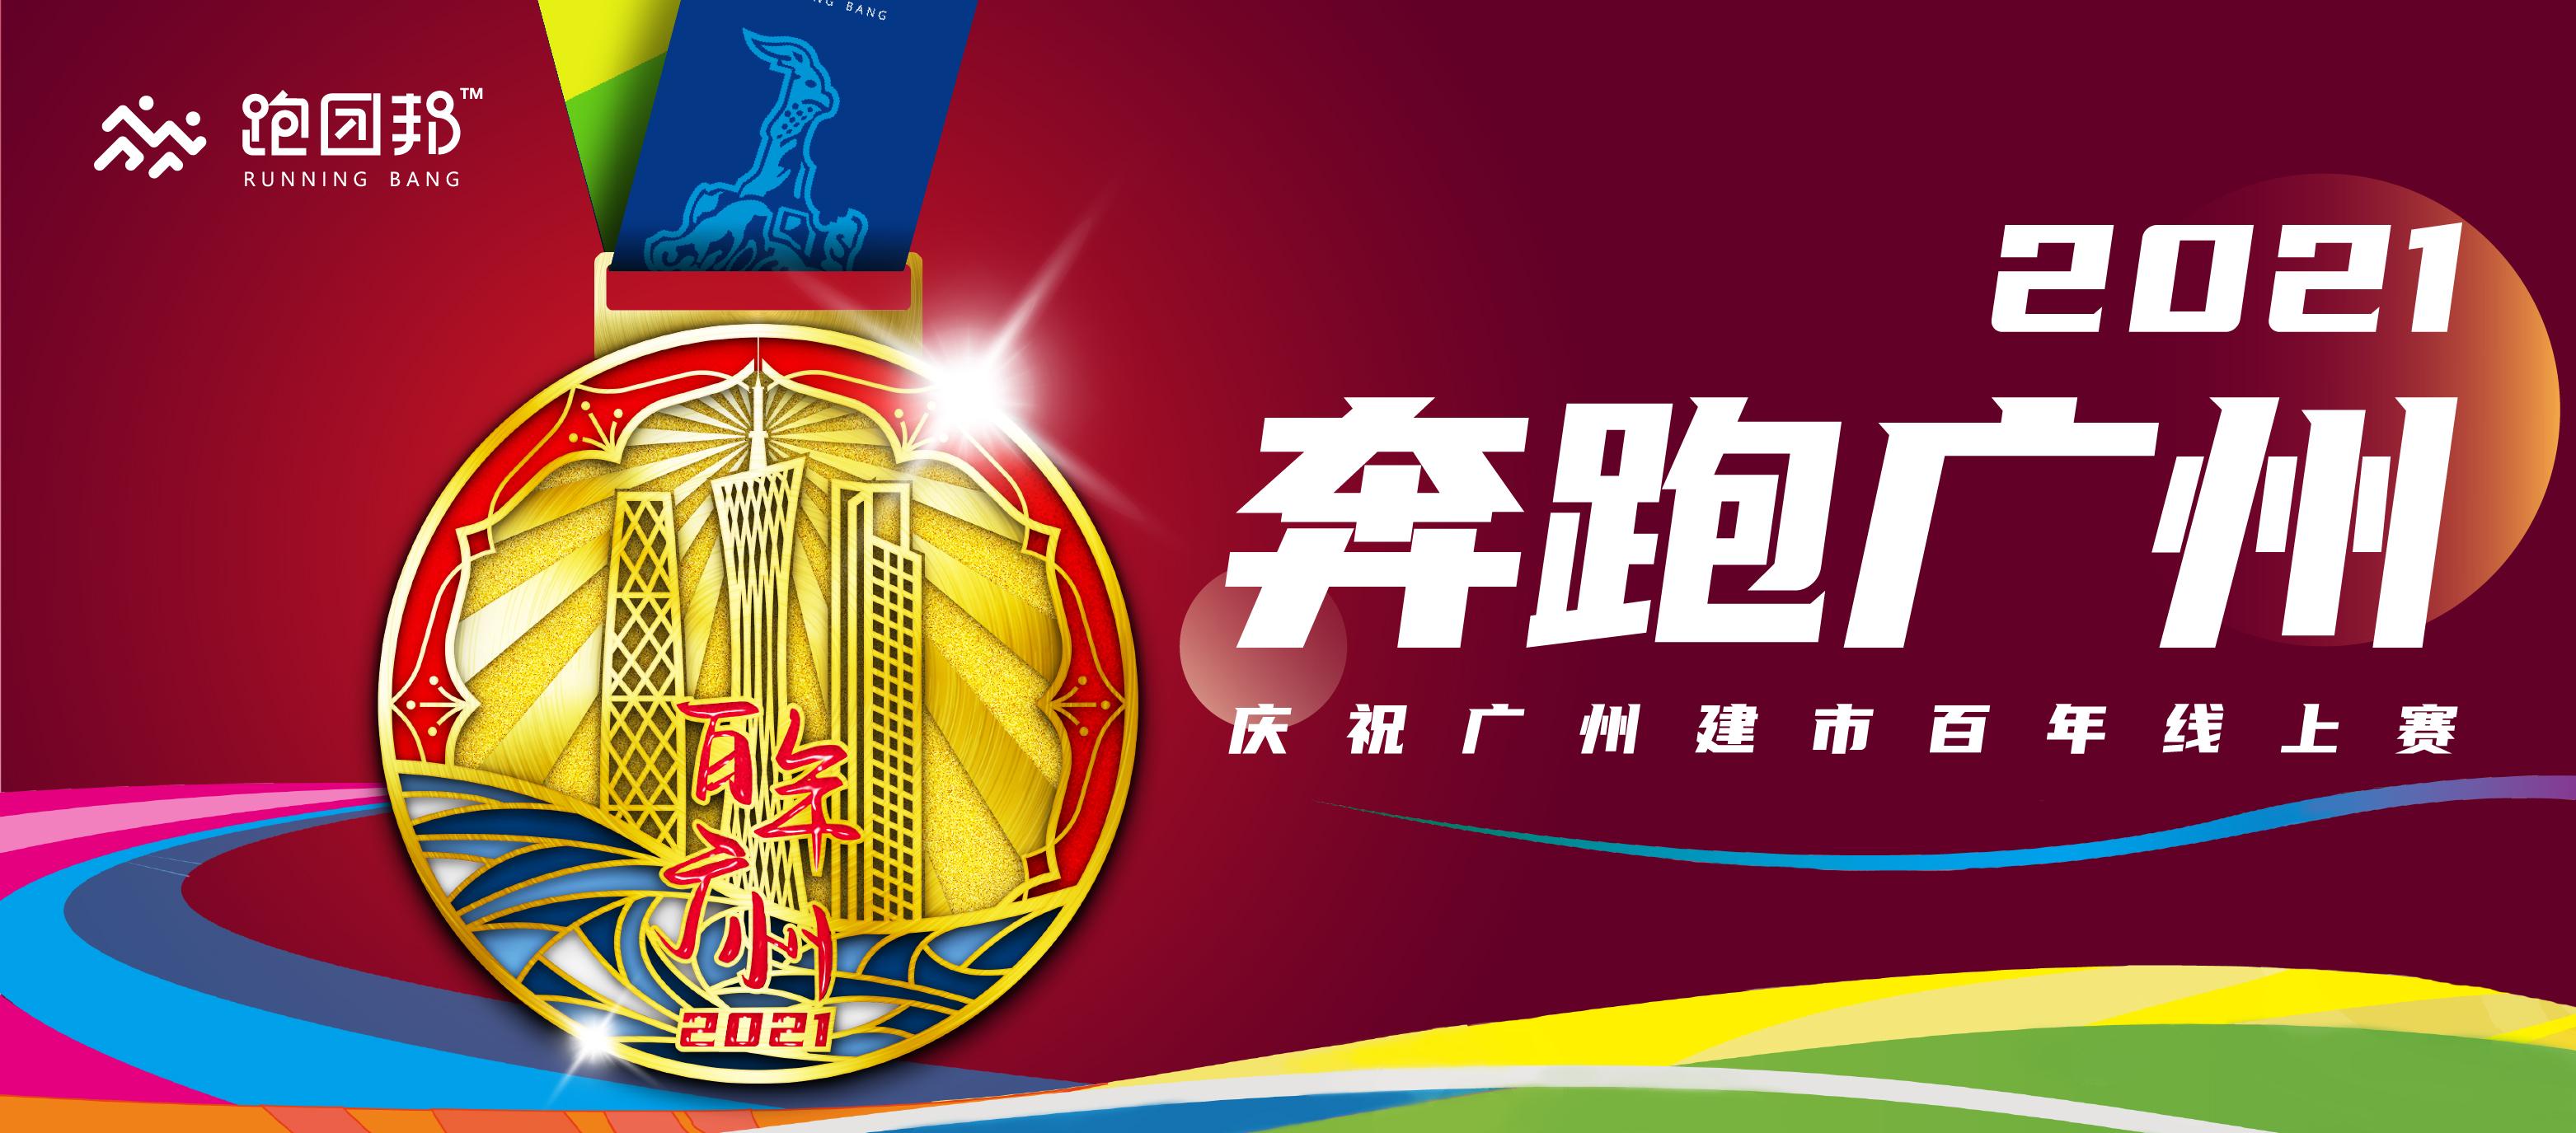 2021奔跑广州线上赛